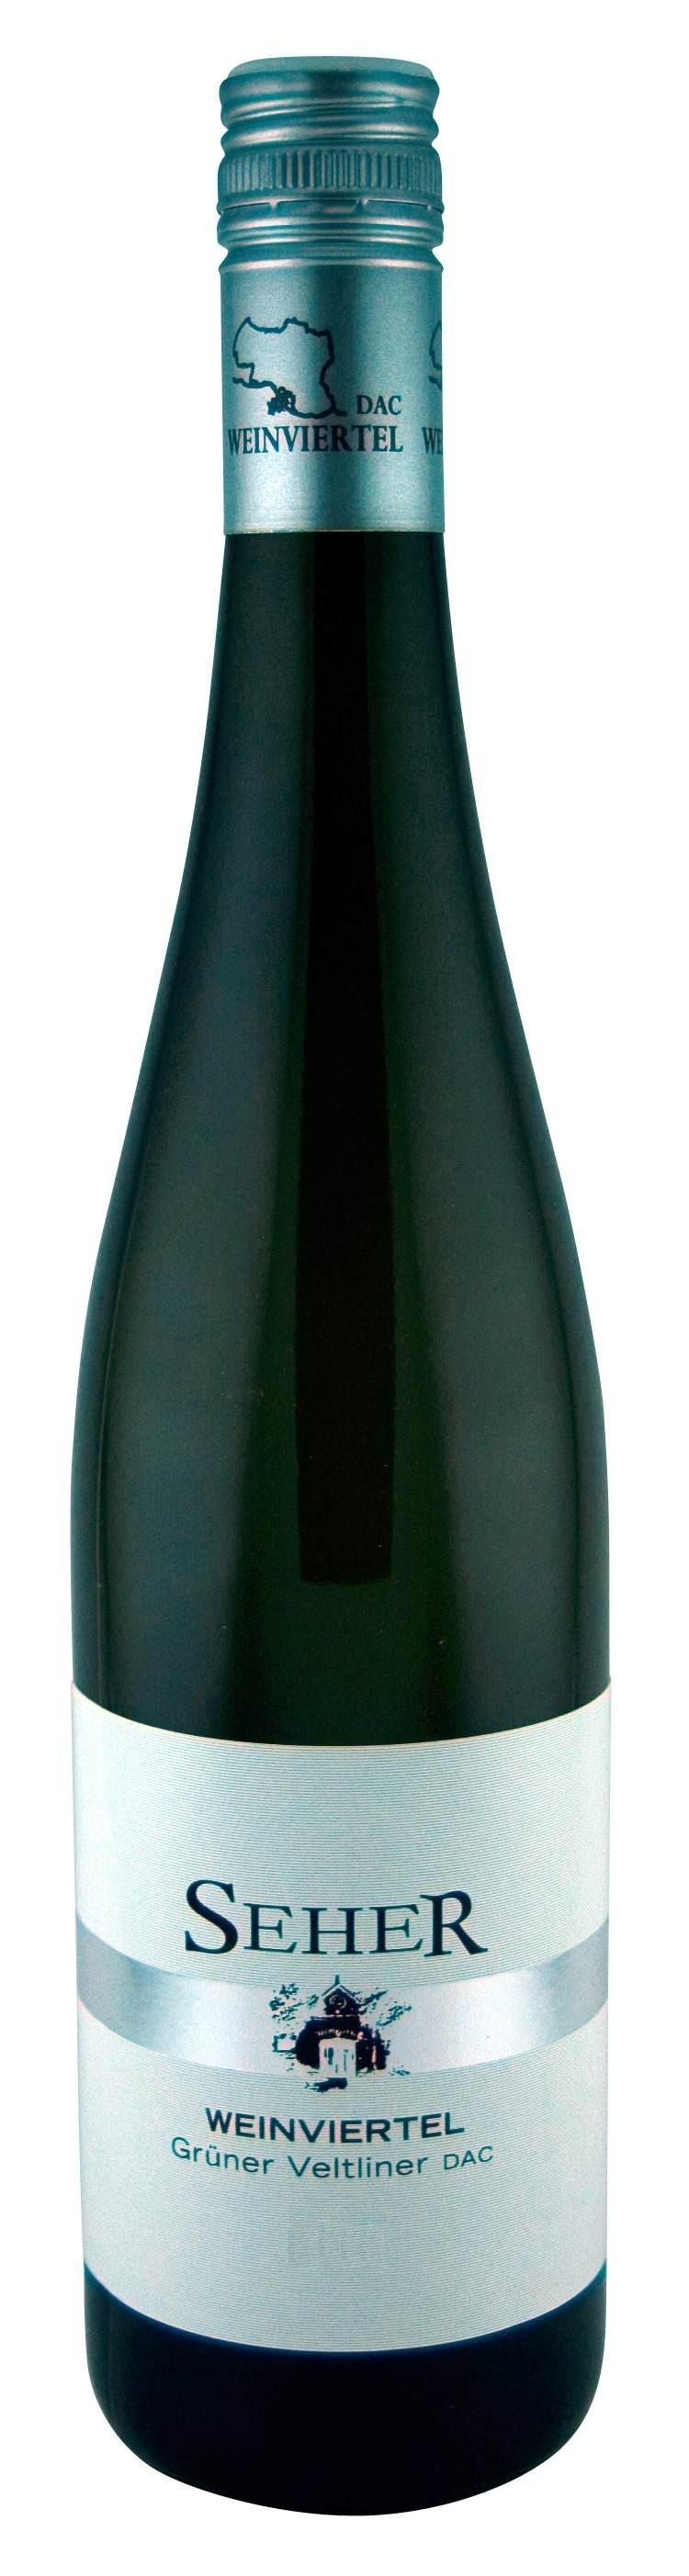 Seher - Weinviertel DAC, 2014